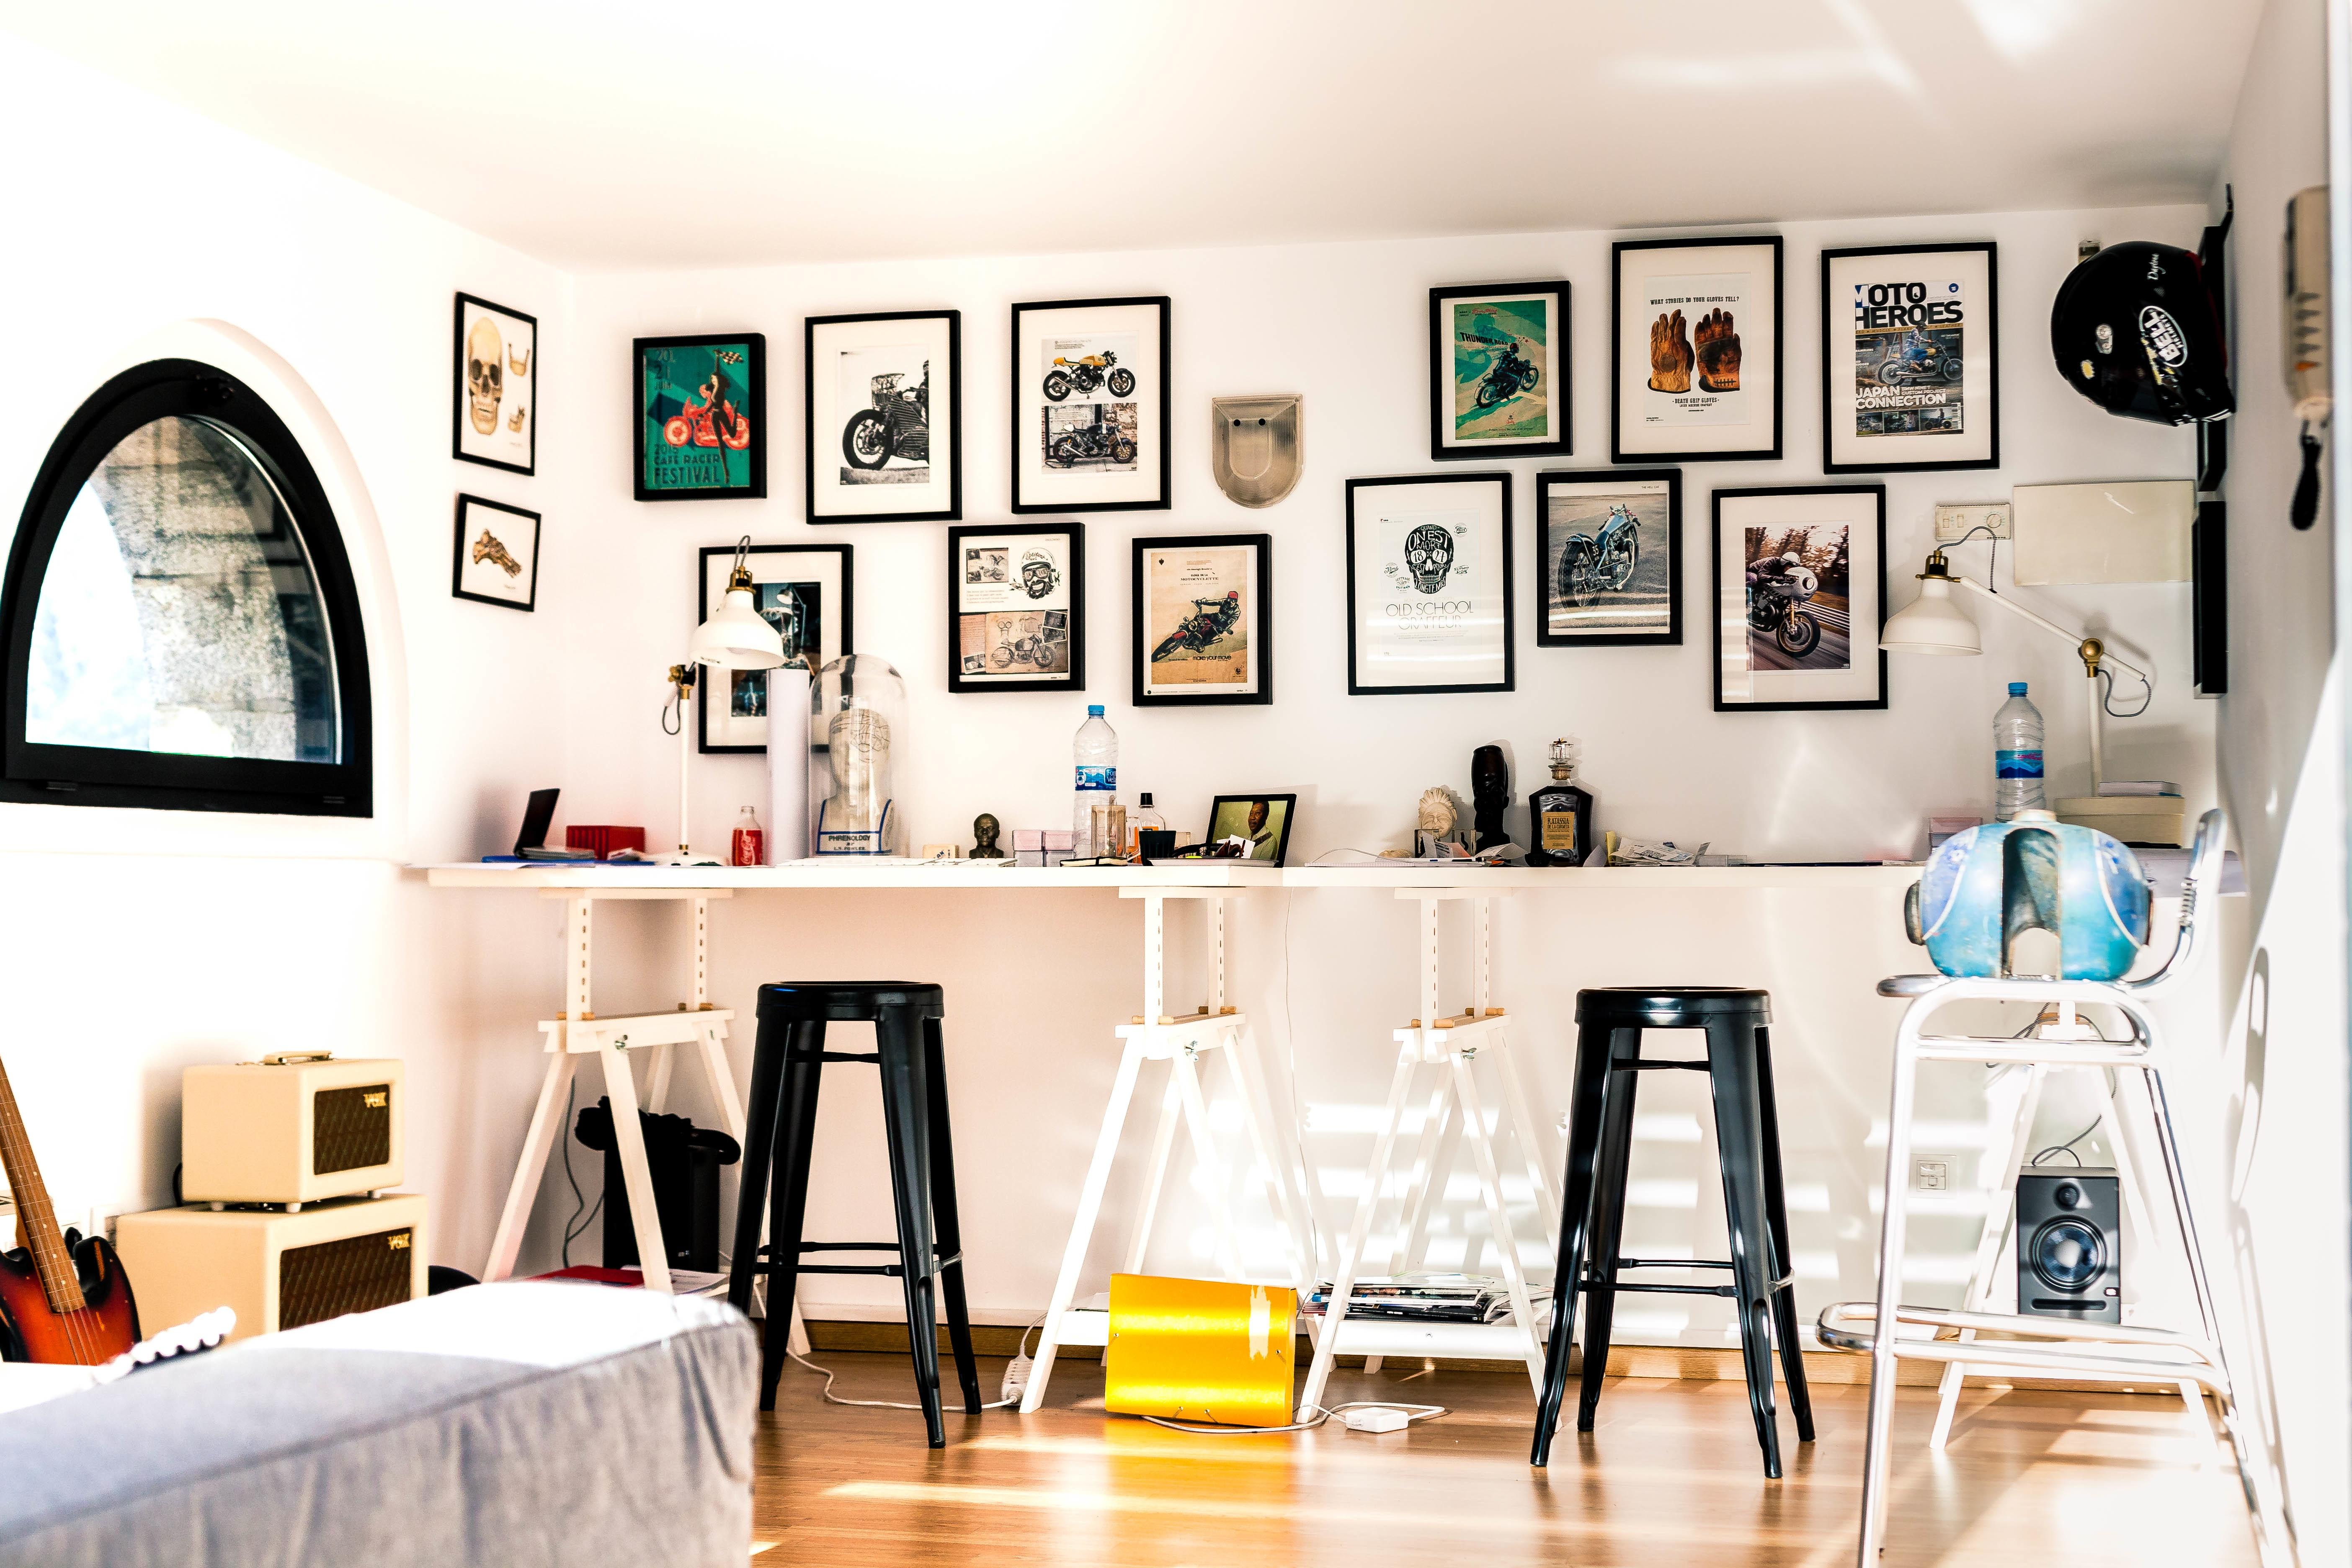 Fotos Gratis Casa Desv N Propiedad Sala Habitaci N Dise O De Interiores Comedor Arte